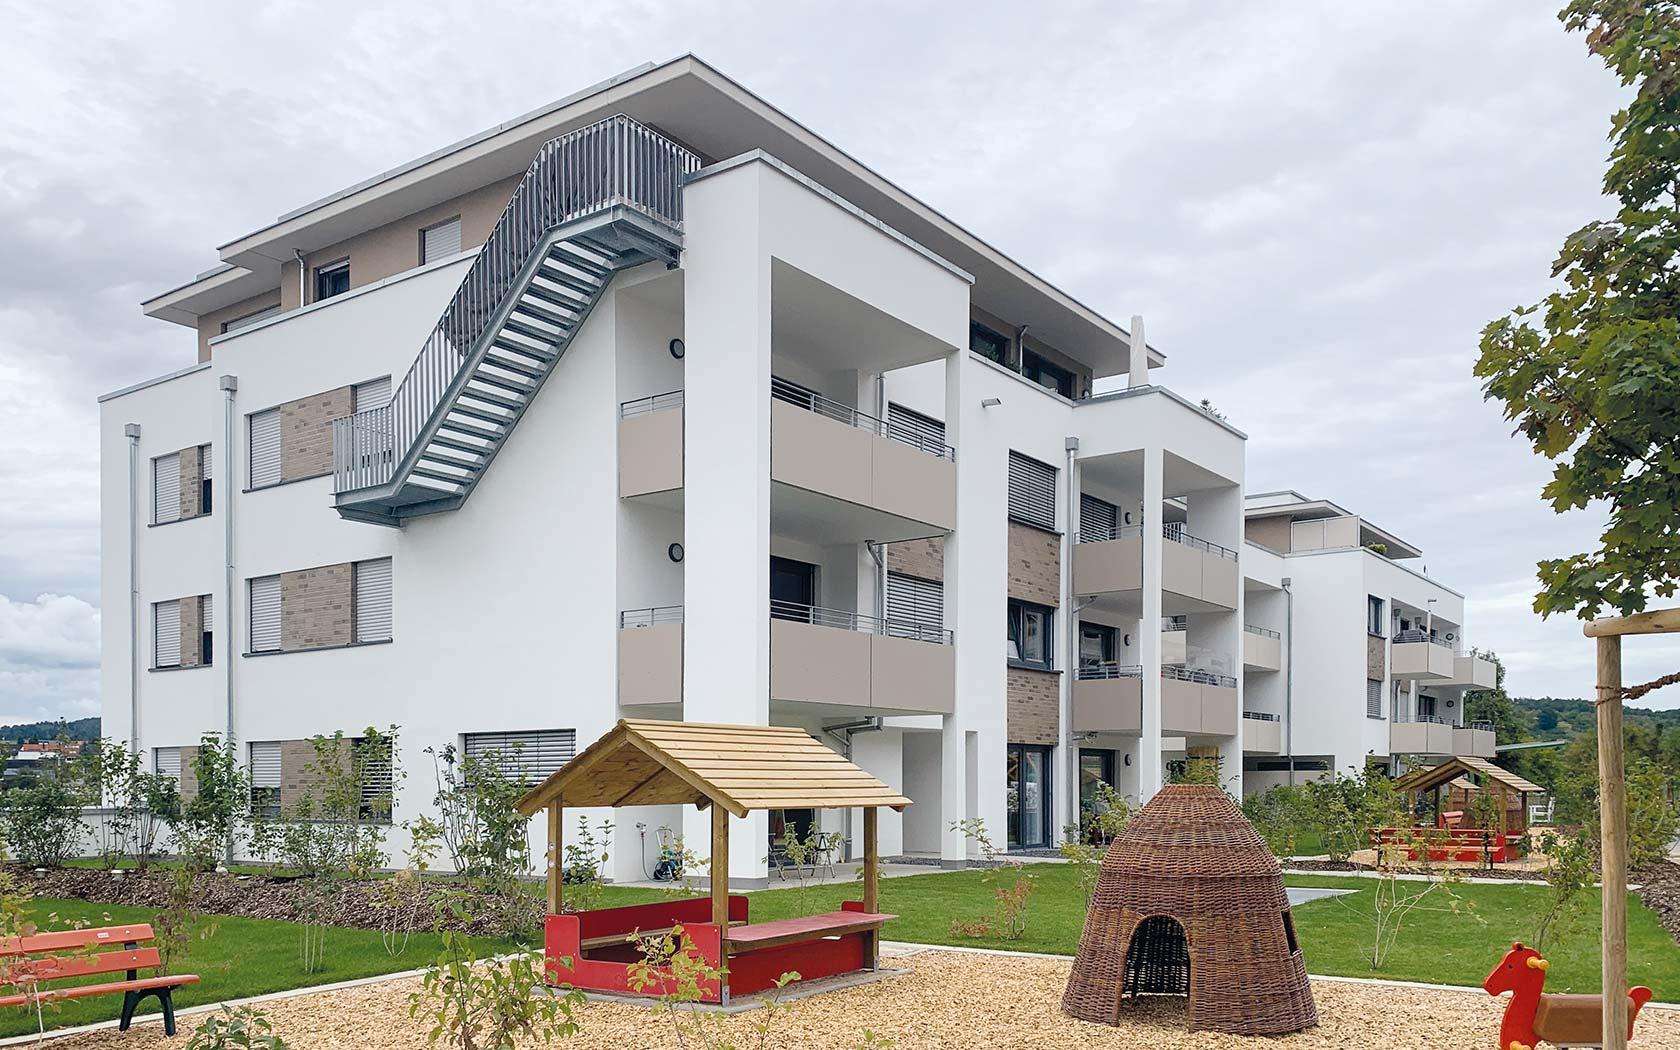 Pfleiderer Projektbau: Wohngebiet nature 8, Winnenden